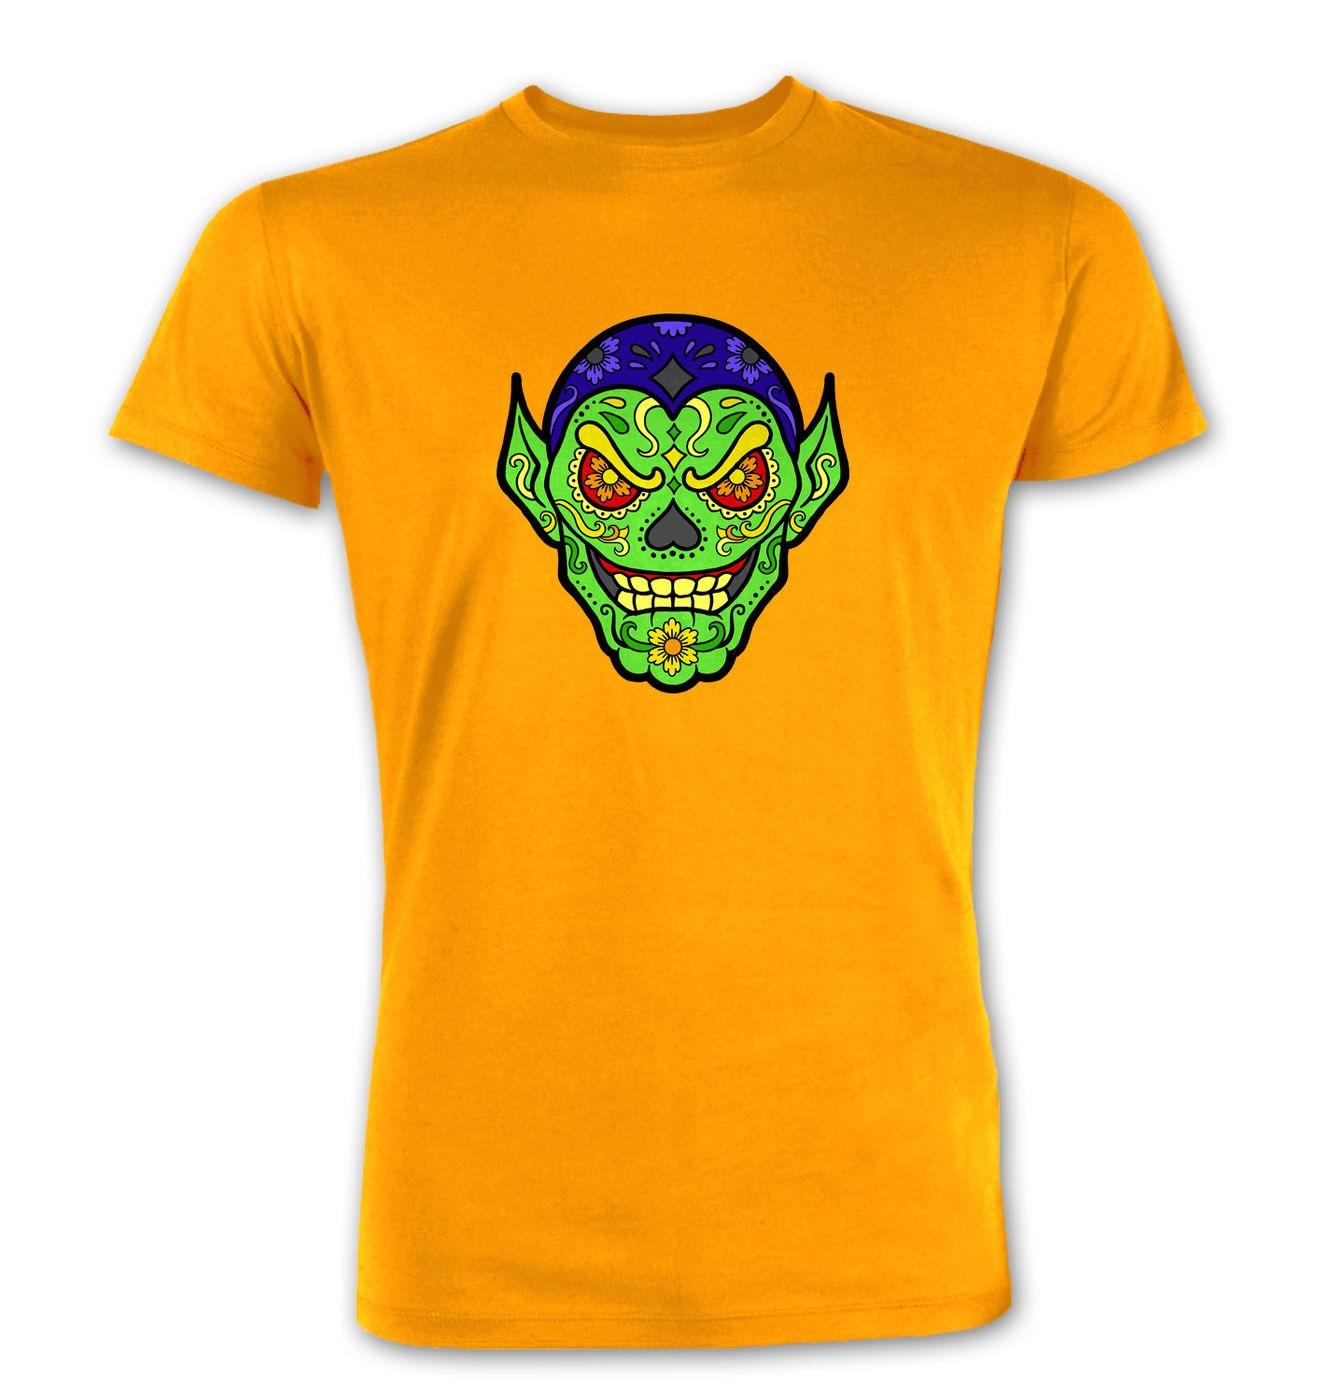 Sugar Skrull premium t-shirt by Something Geeky